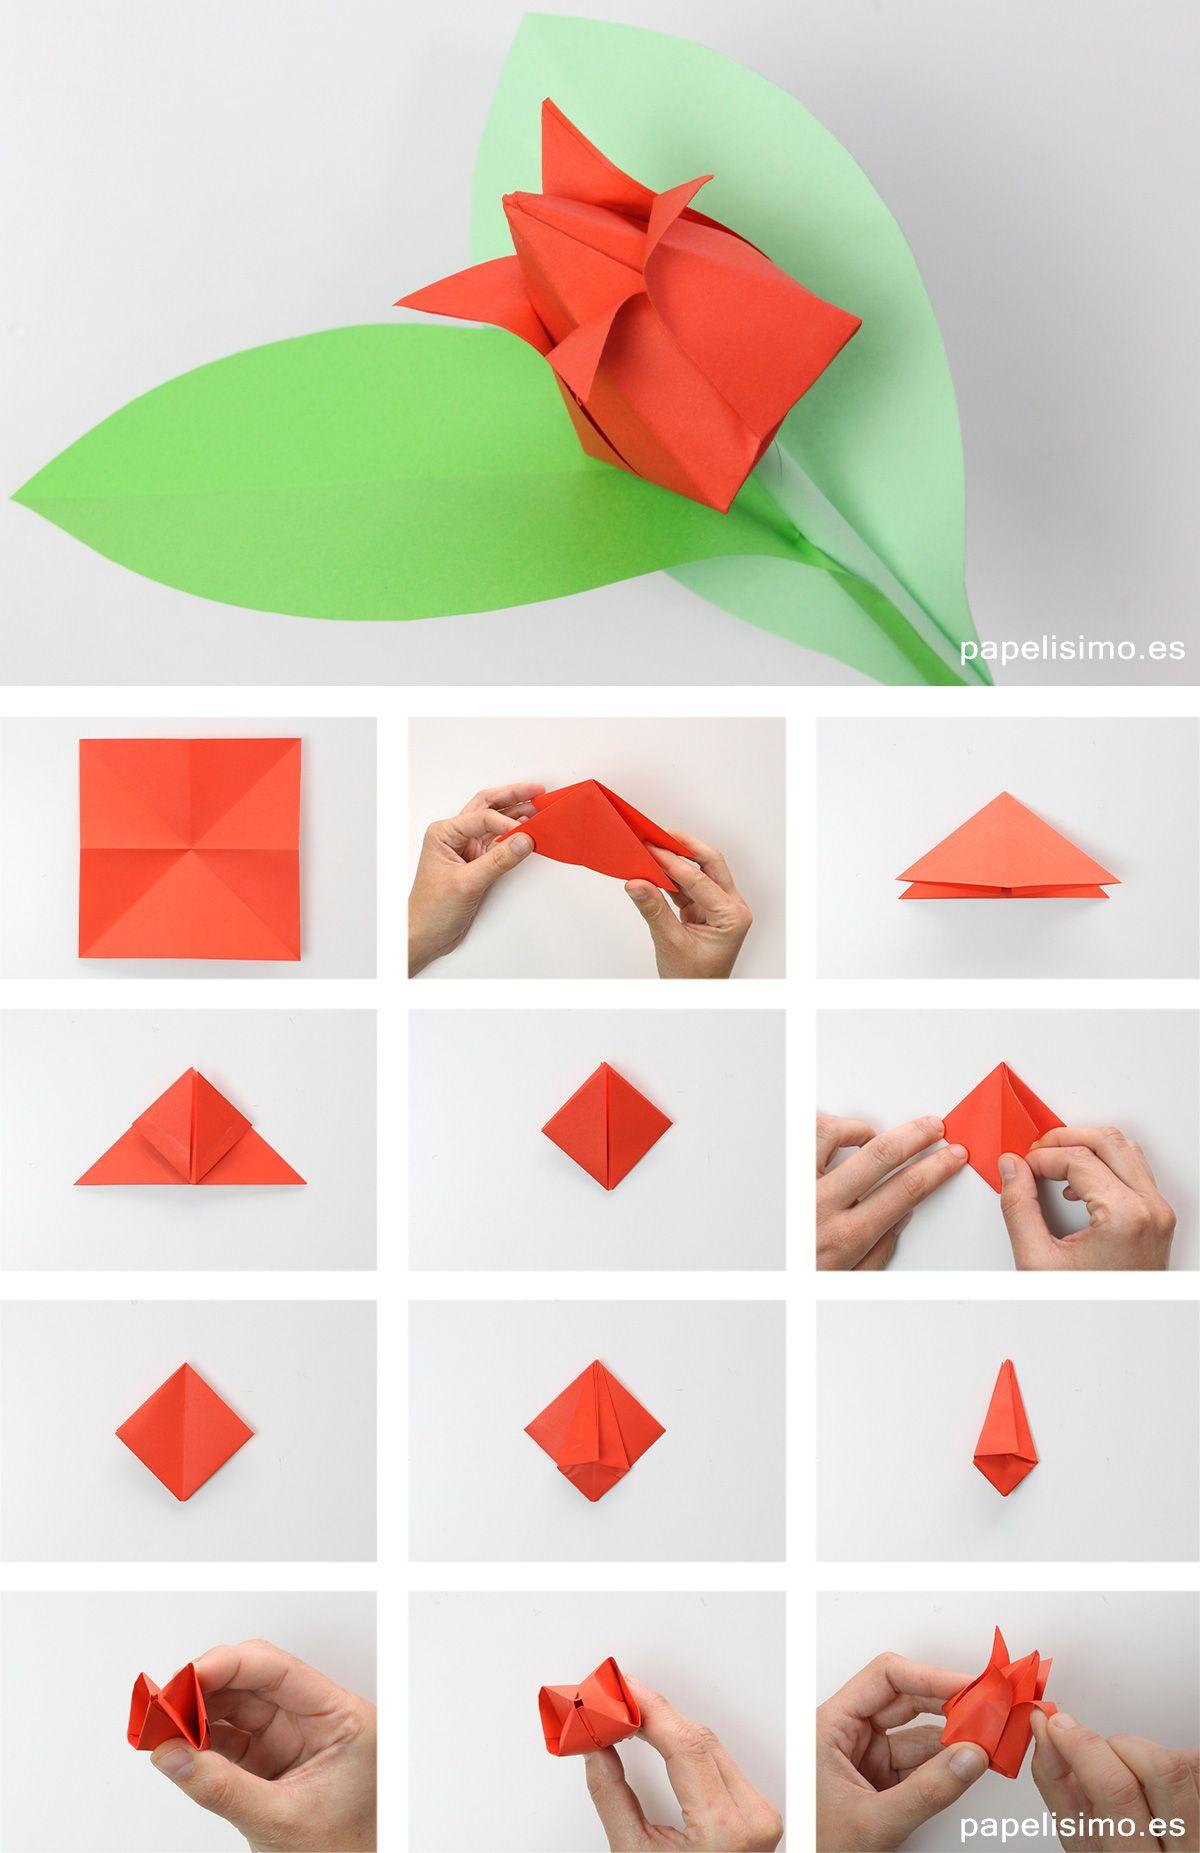 Como Hacer Tulipan De Papel Origami Tulip Flowers Como Hacer Origami Estrellas De Origami Tutorial De Origami